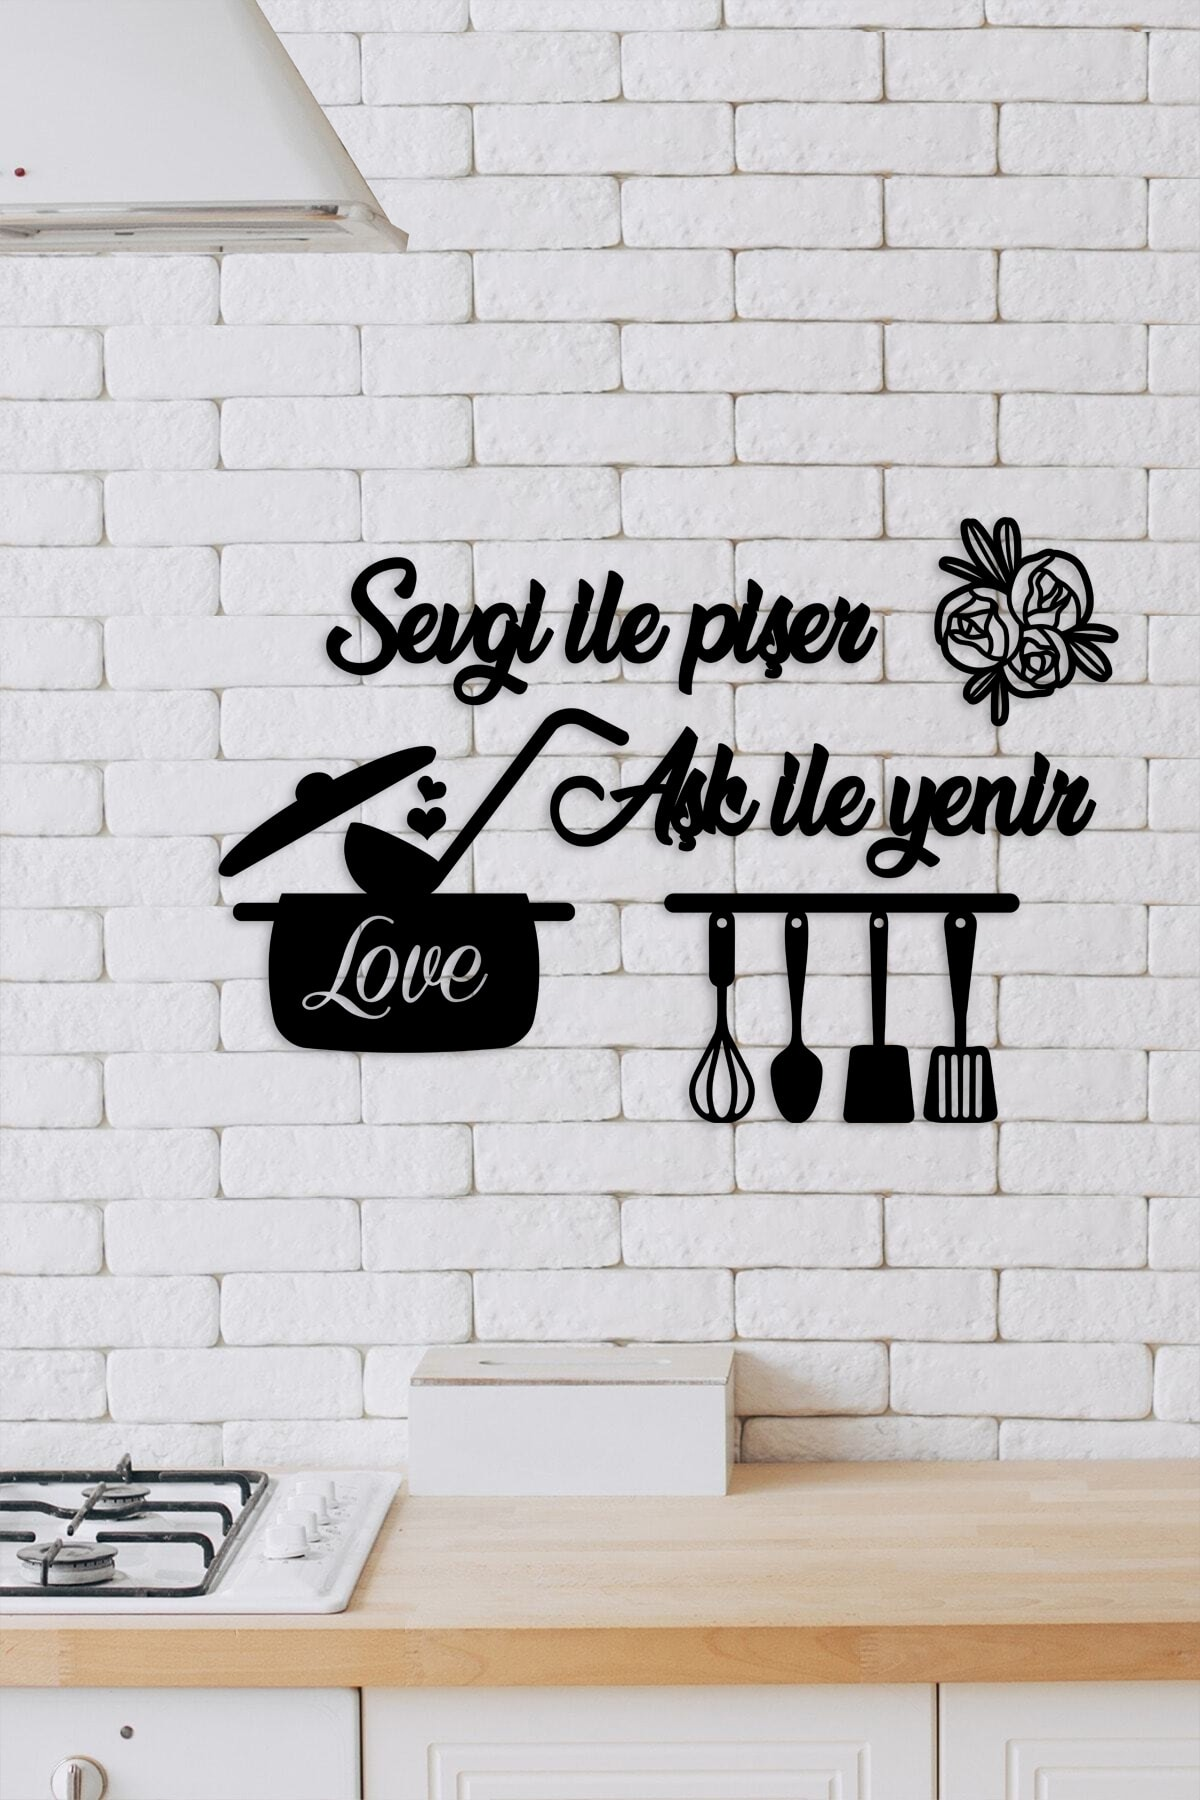 Siyah Mutfağım Sevgiyle Pişer Duvar Dekoru